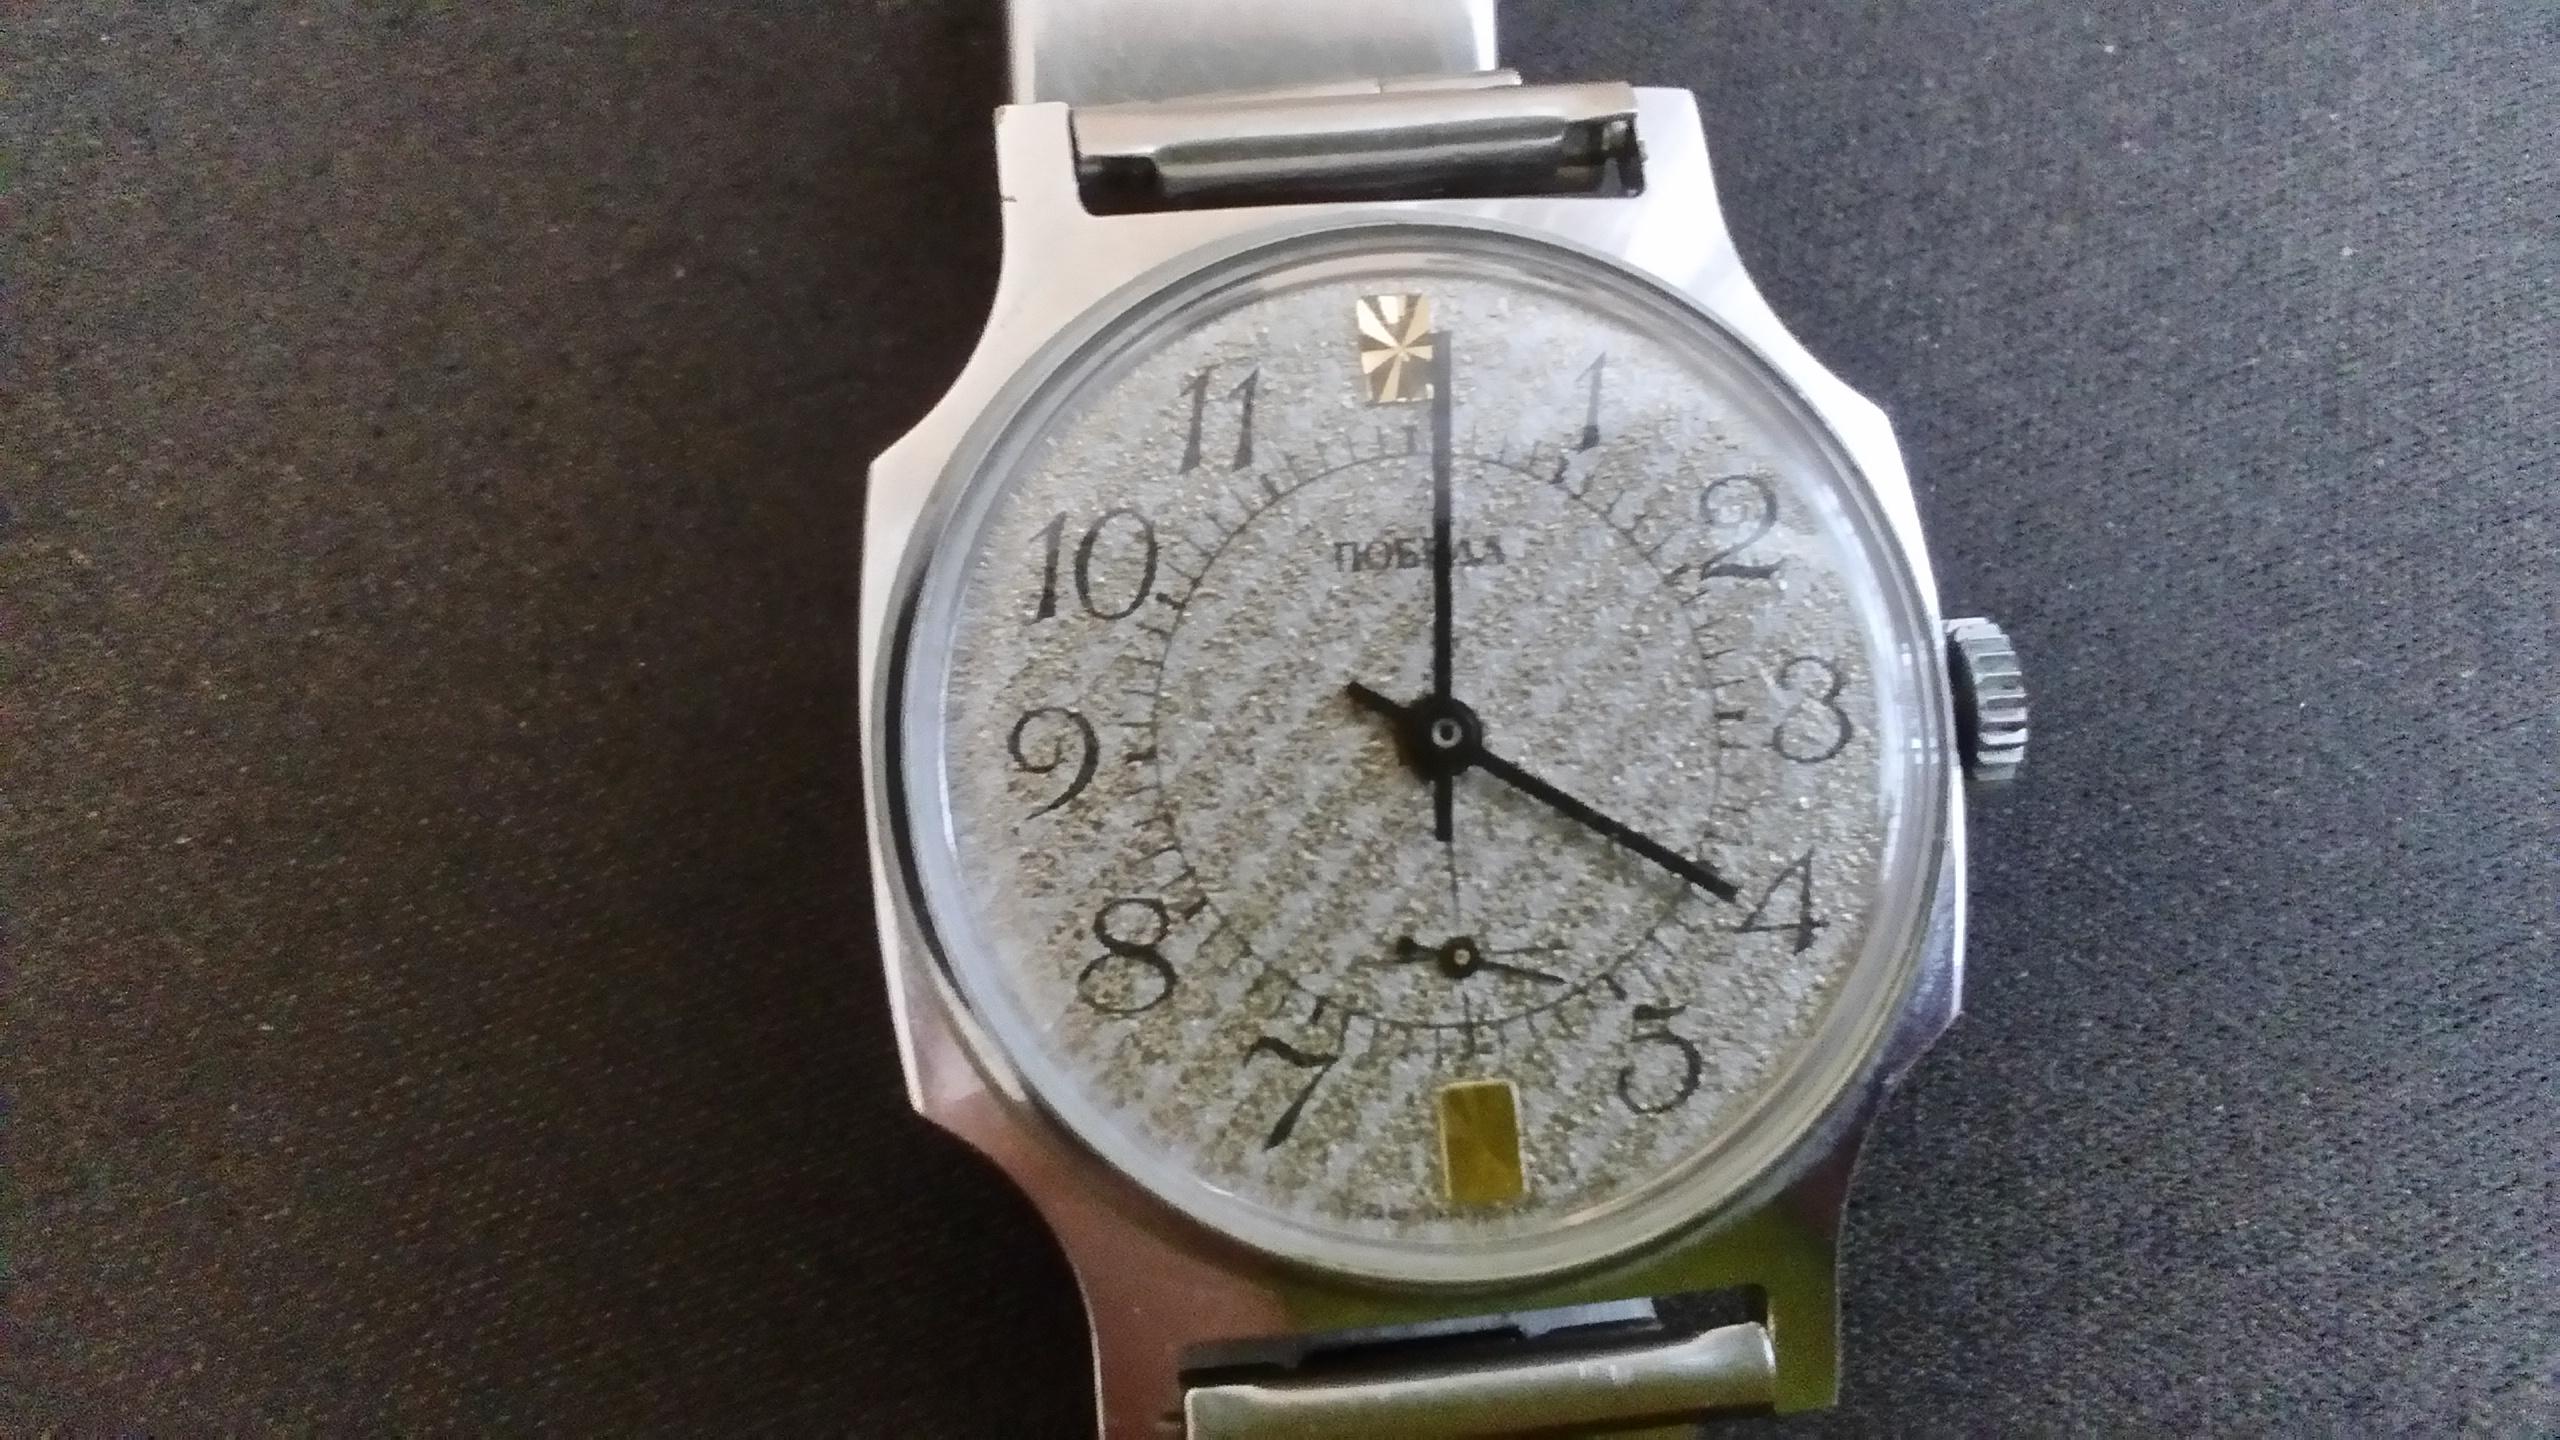 """02e4635c6f0b65 Chciałbym prosić o wycenę zegarka mechanicznego dosyć znanej radzieckiej  Marki """"Pobieda"""". Zegarek należał do mojego wujka, został mu podarowany w  1992 roku."""